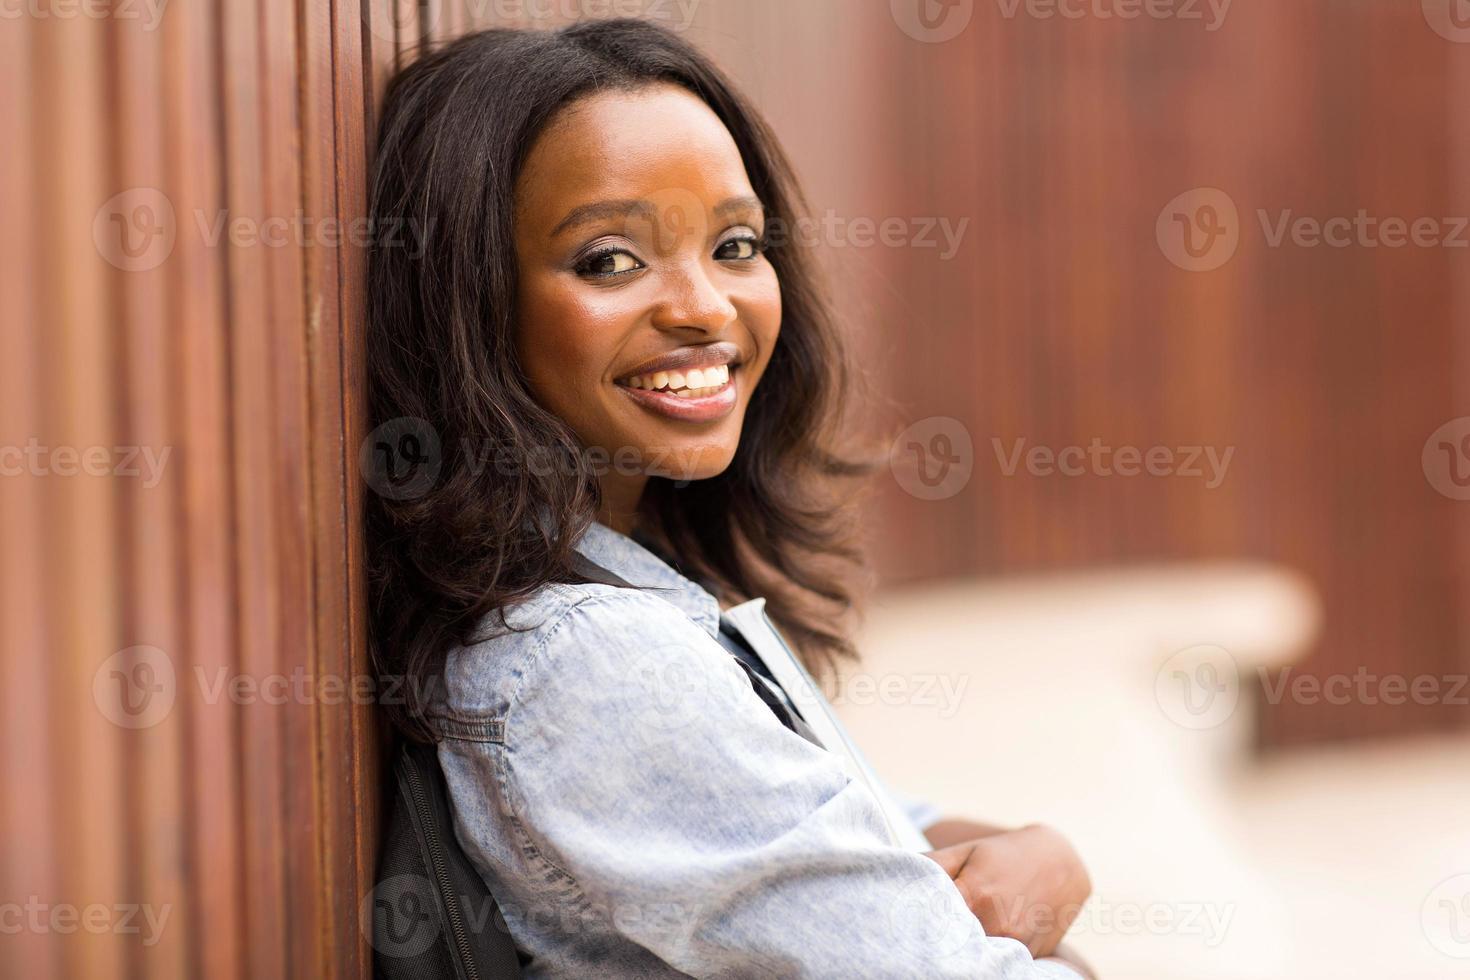 portrait de jeune étudiante afro-américaine photo